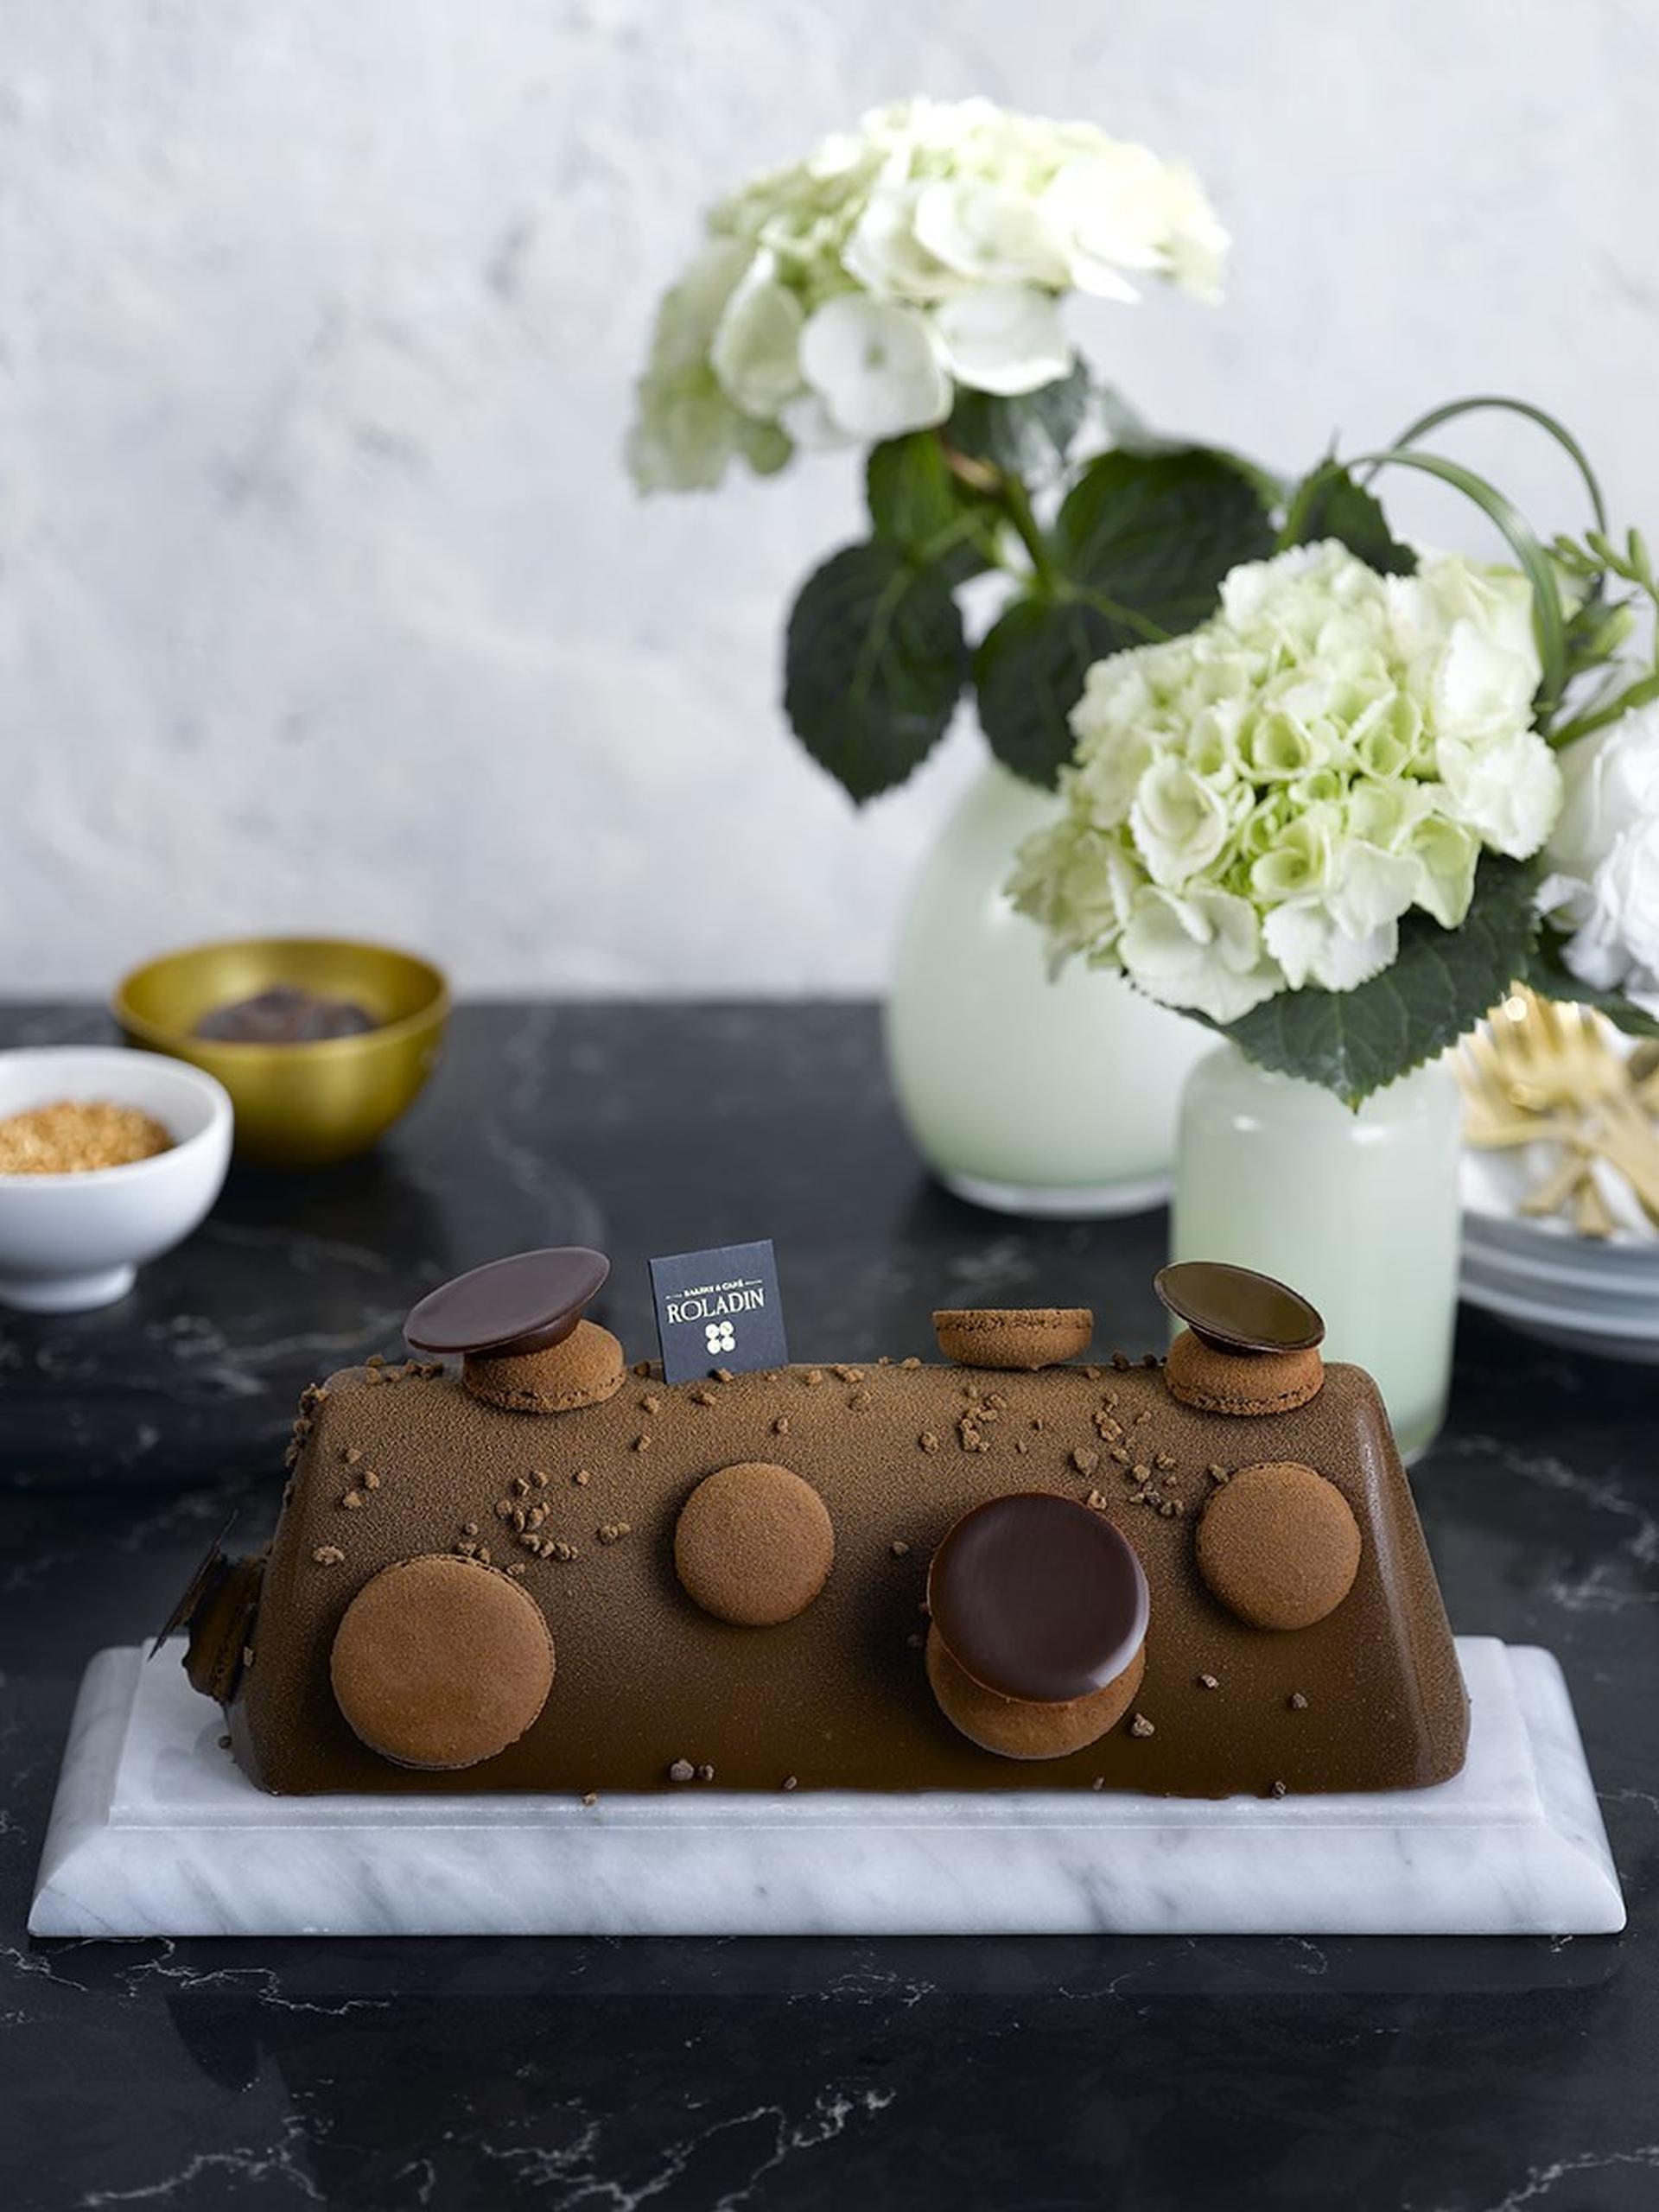 מקרונד שוקולד ברולדין. צילום: רונן מנגן